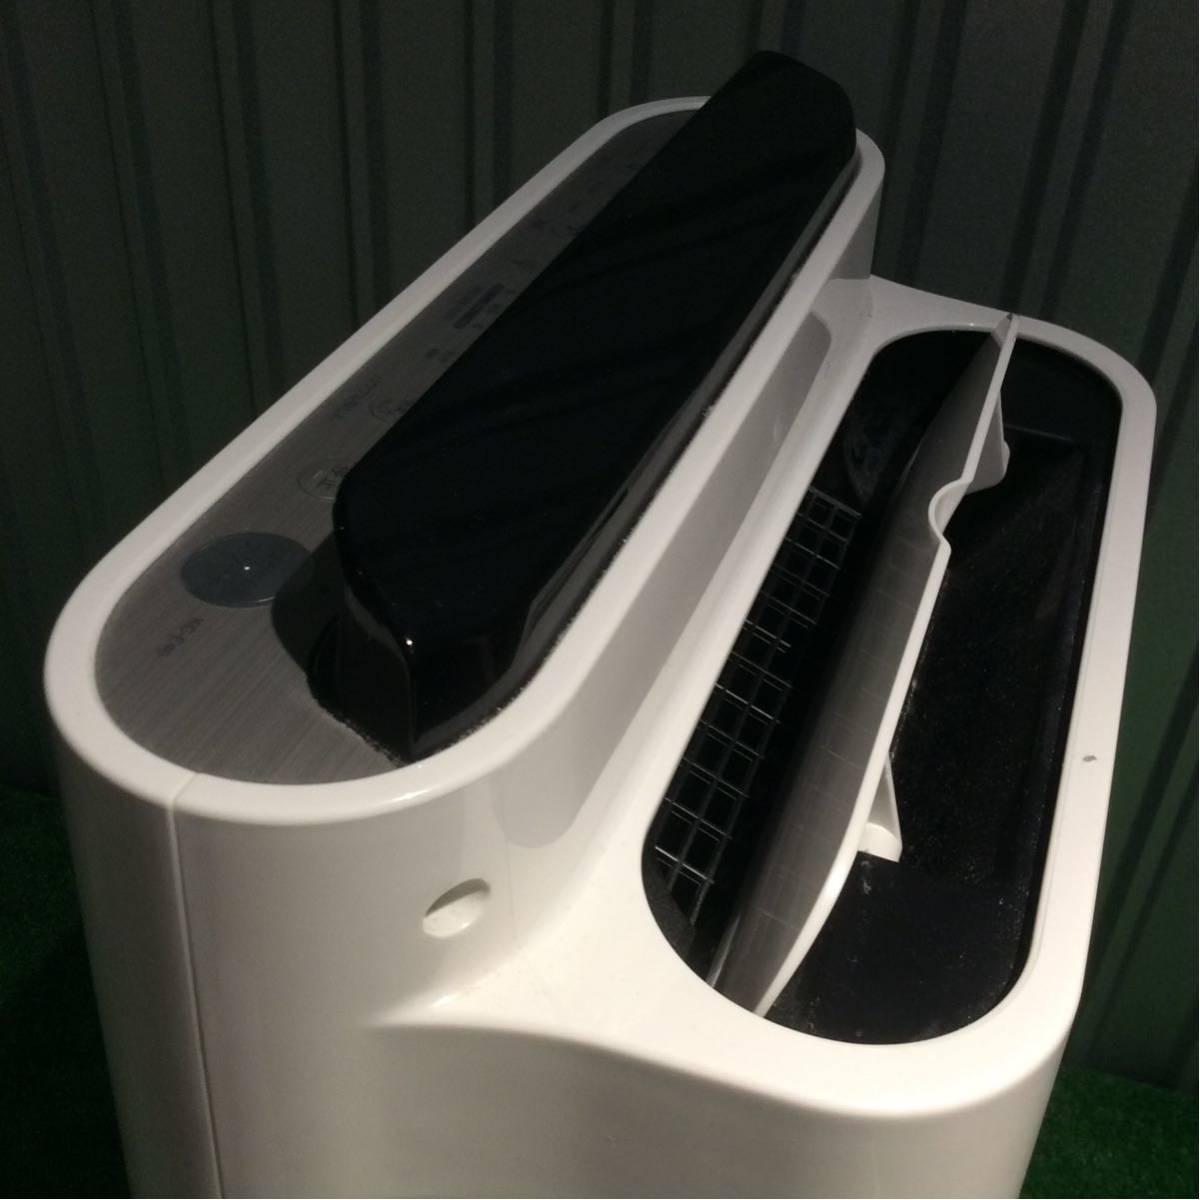 1円~ 動作OK シャープ SHARP KC-E40 加湿空気清浄機 プラズマクラスター 加湿器 空気清浄機 2015年製 120サイズ (176)_画像6